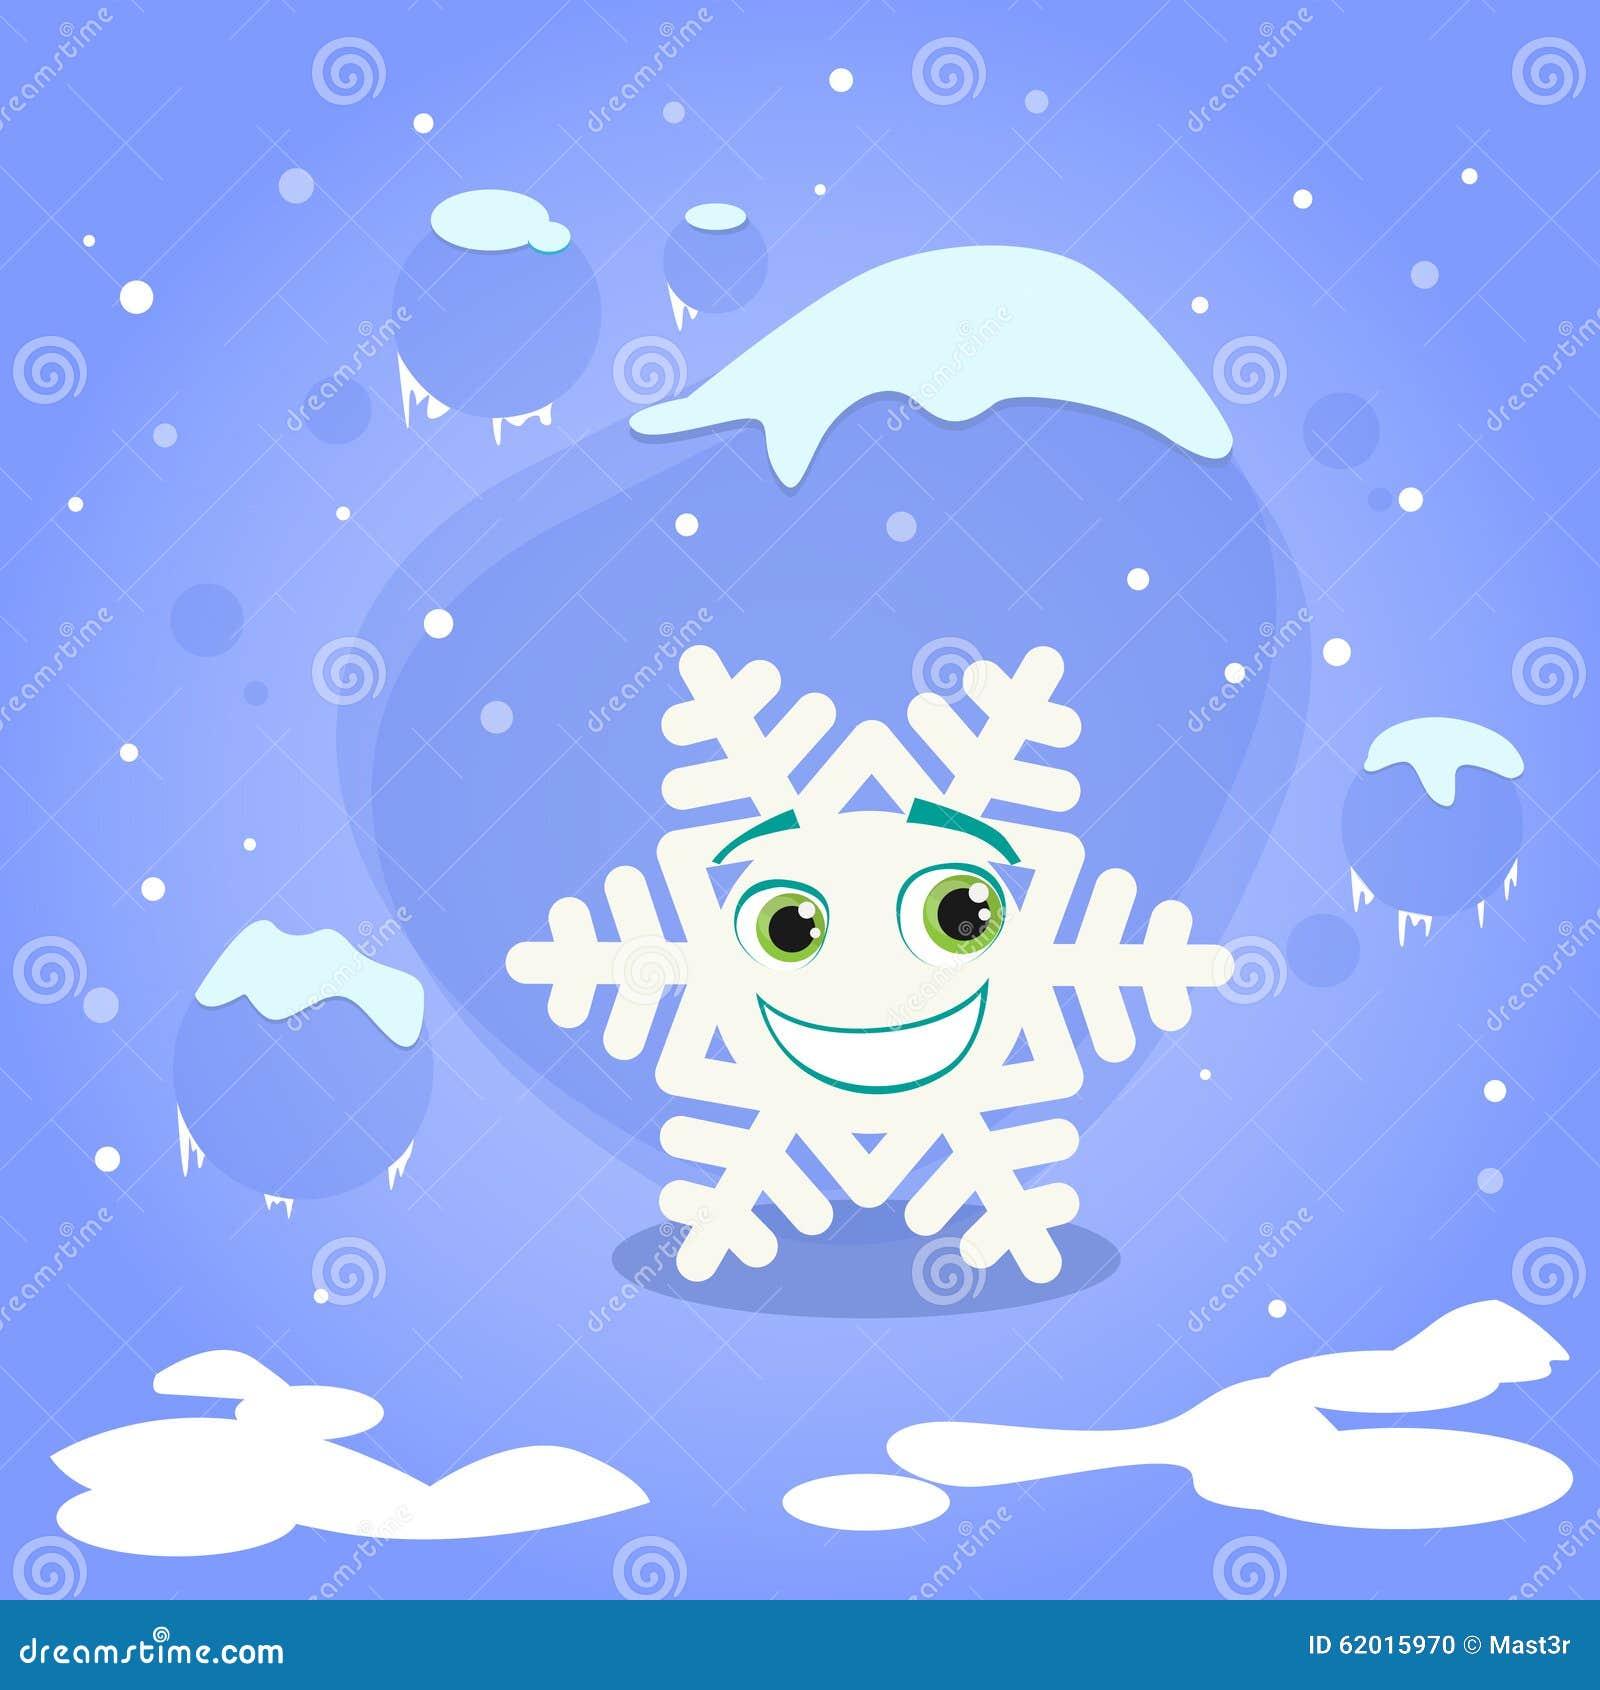 Azul Del Concepto De La Navidad Del Personaje De Dibujos